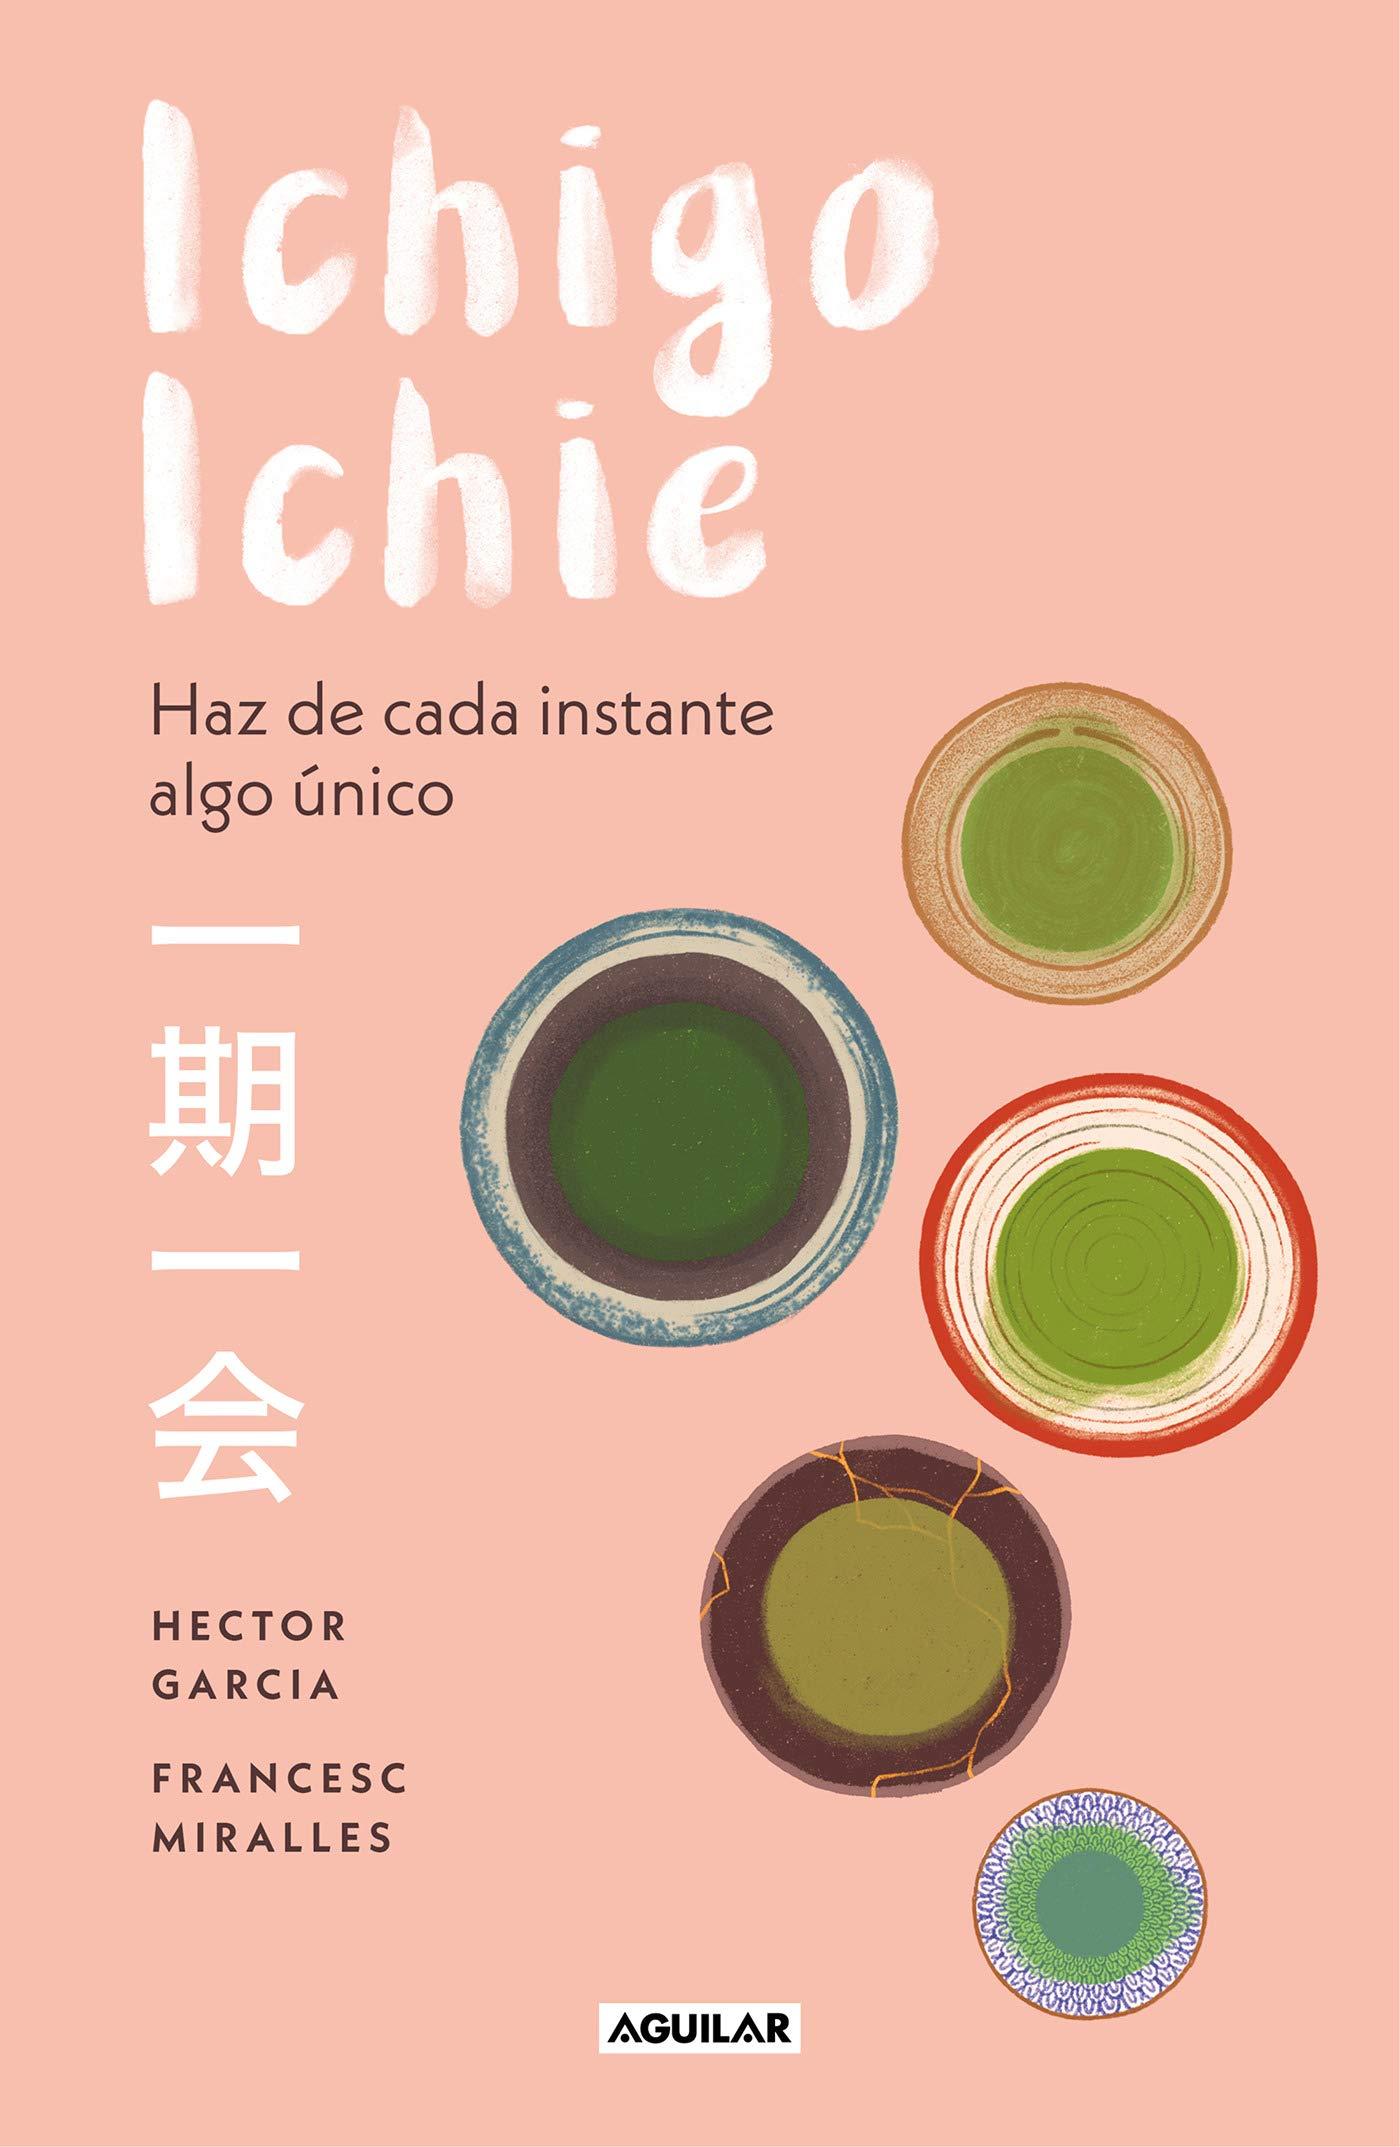 Ichigo-ichie: Haz de cada instante algo único.